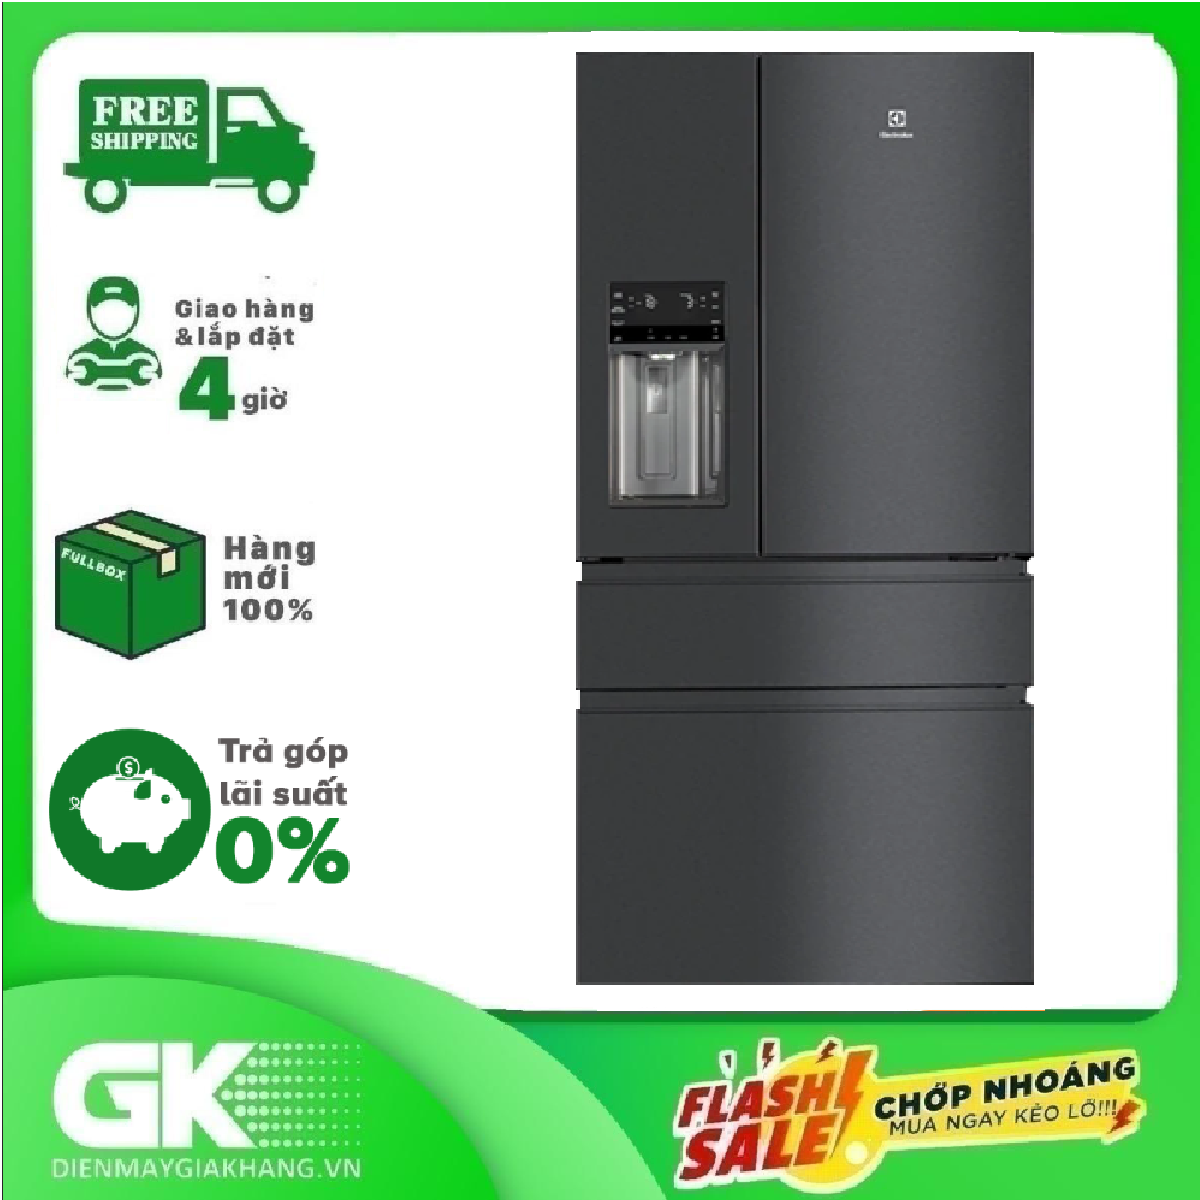 [Trả góp 0%]Tủ lạnh Electrolux 681 lít Inverter EHE6879A-B